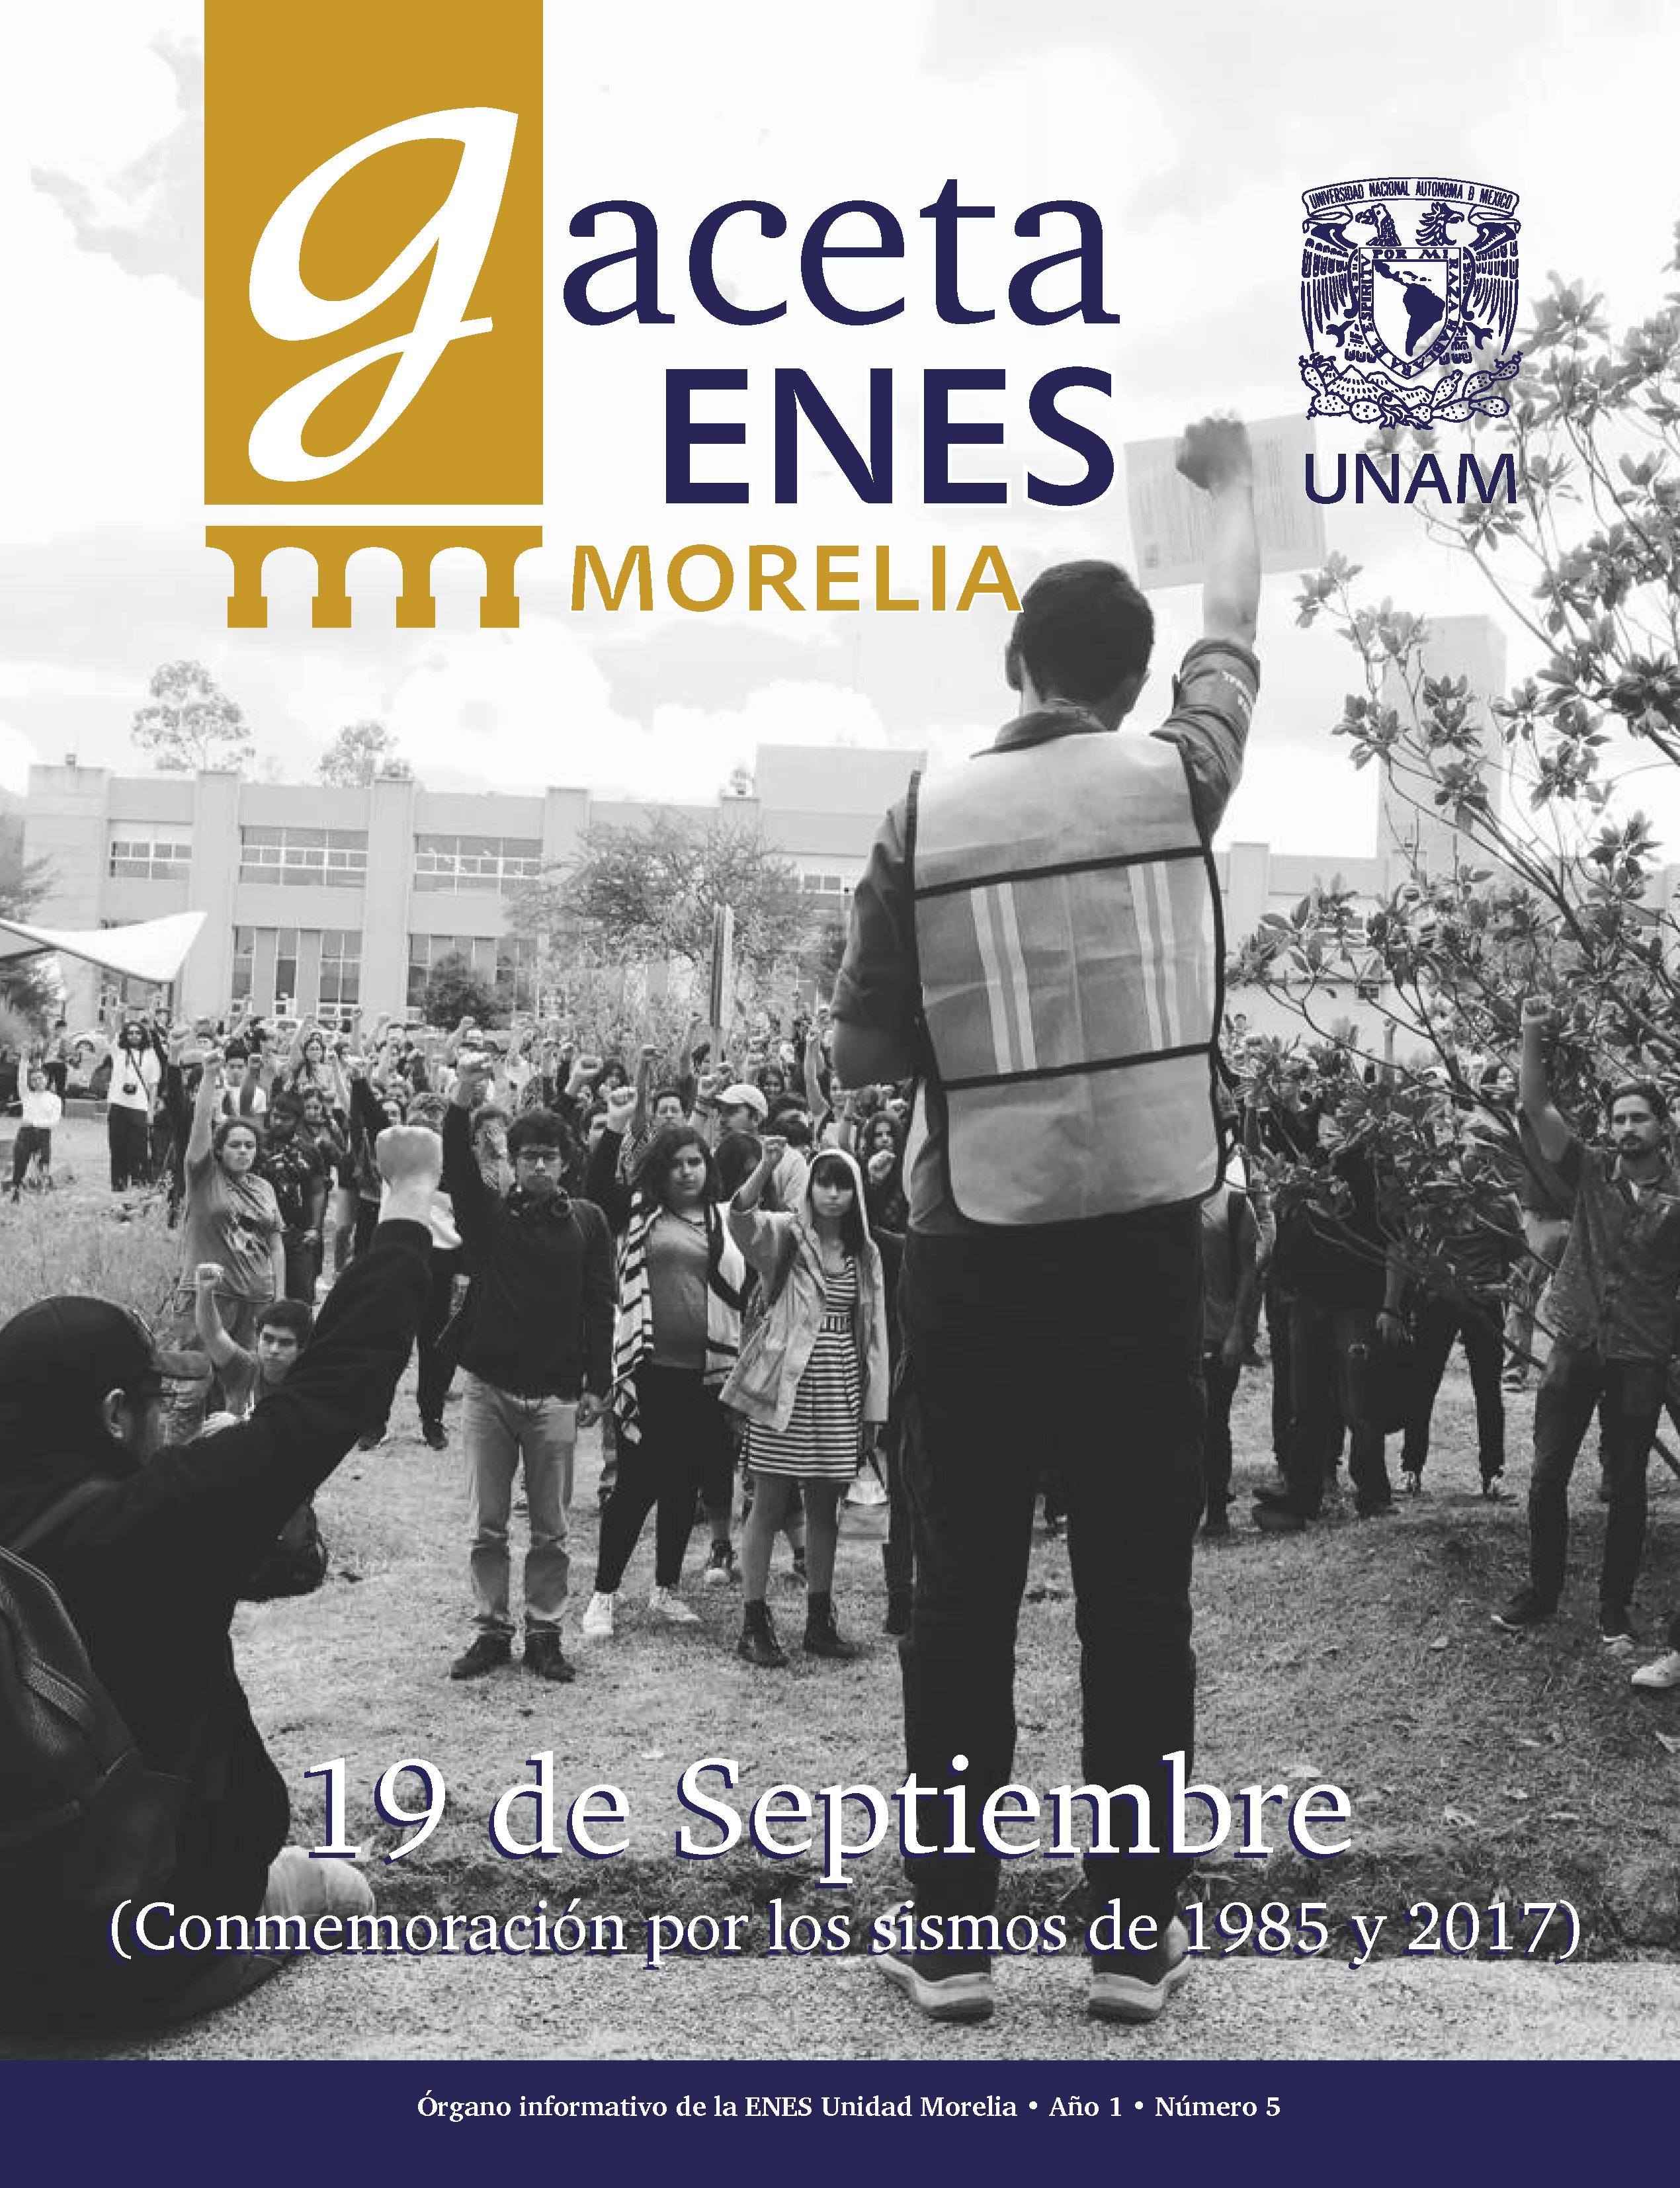 Gaceta ENES Morelia Octubre 2018_Página_01